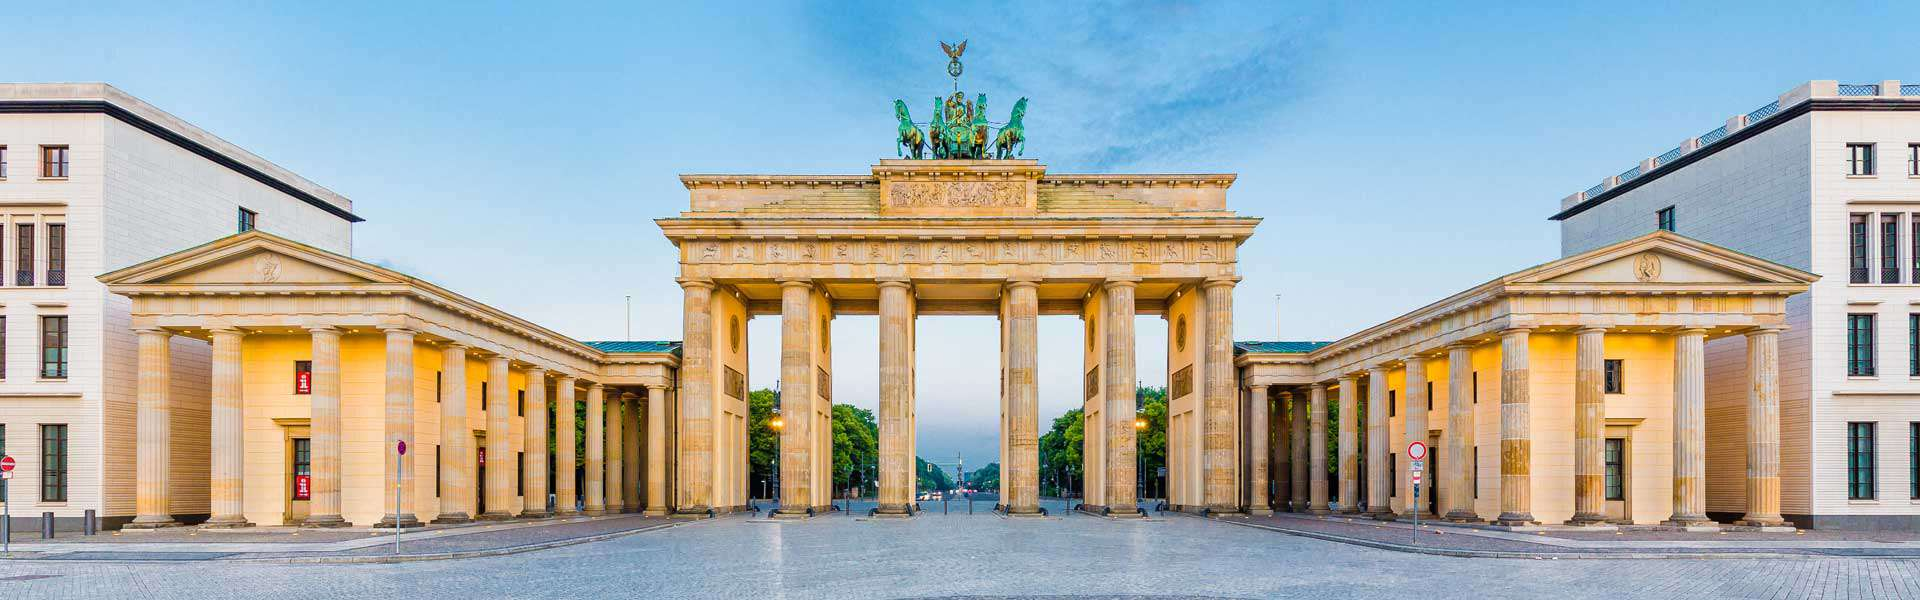 Ein geschichtsträchtiger Ort: Berlin Brandenburger Tor